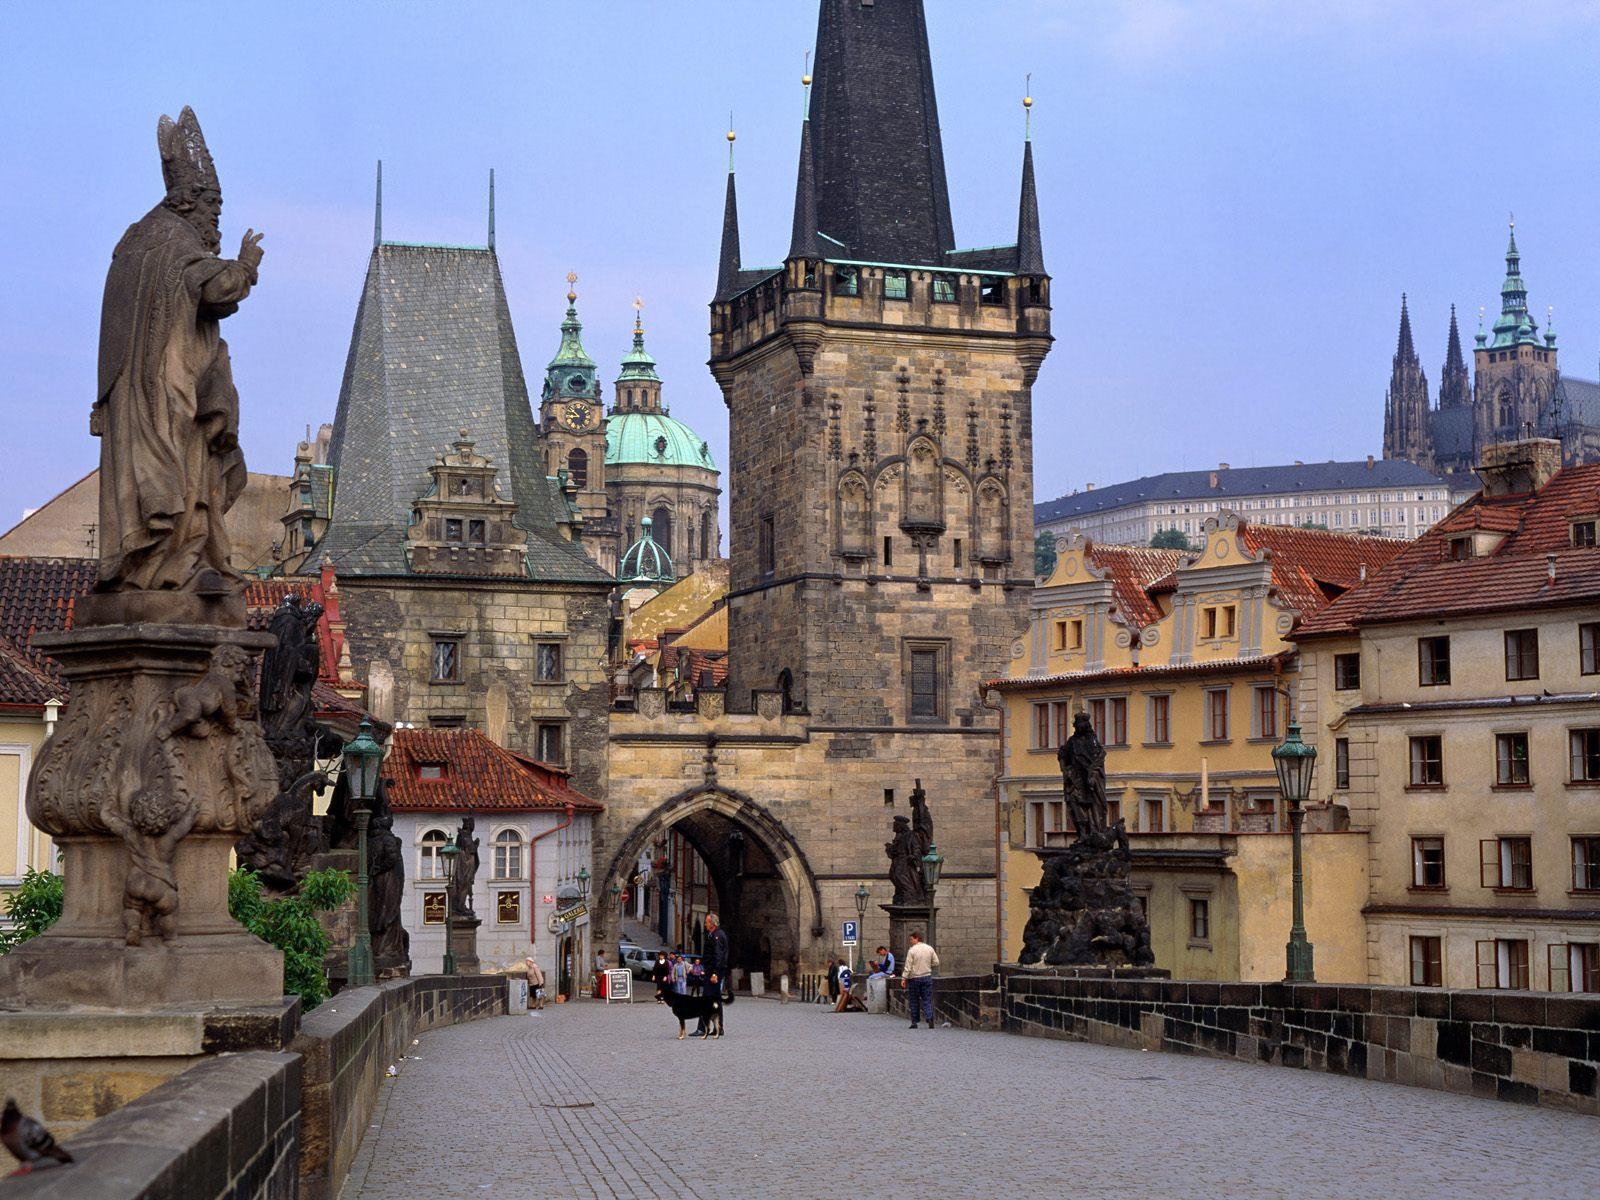 http://4.bp.blogspot.com/-vZ0mk85yHbk/UTEIWM3jTwI/AAAAAAAABuI/7X9H1nLqACk/s1600/Charles_Bridge_Prague_Czech_Republic-Wallpaper.jpg